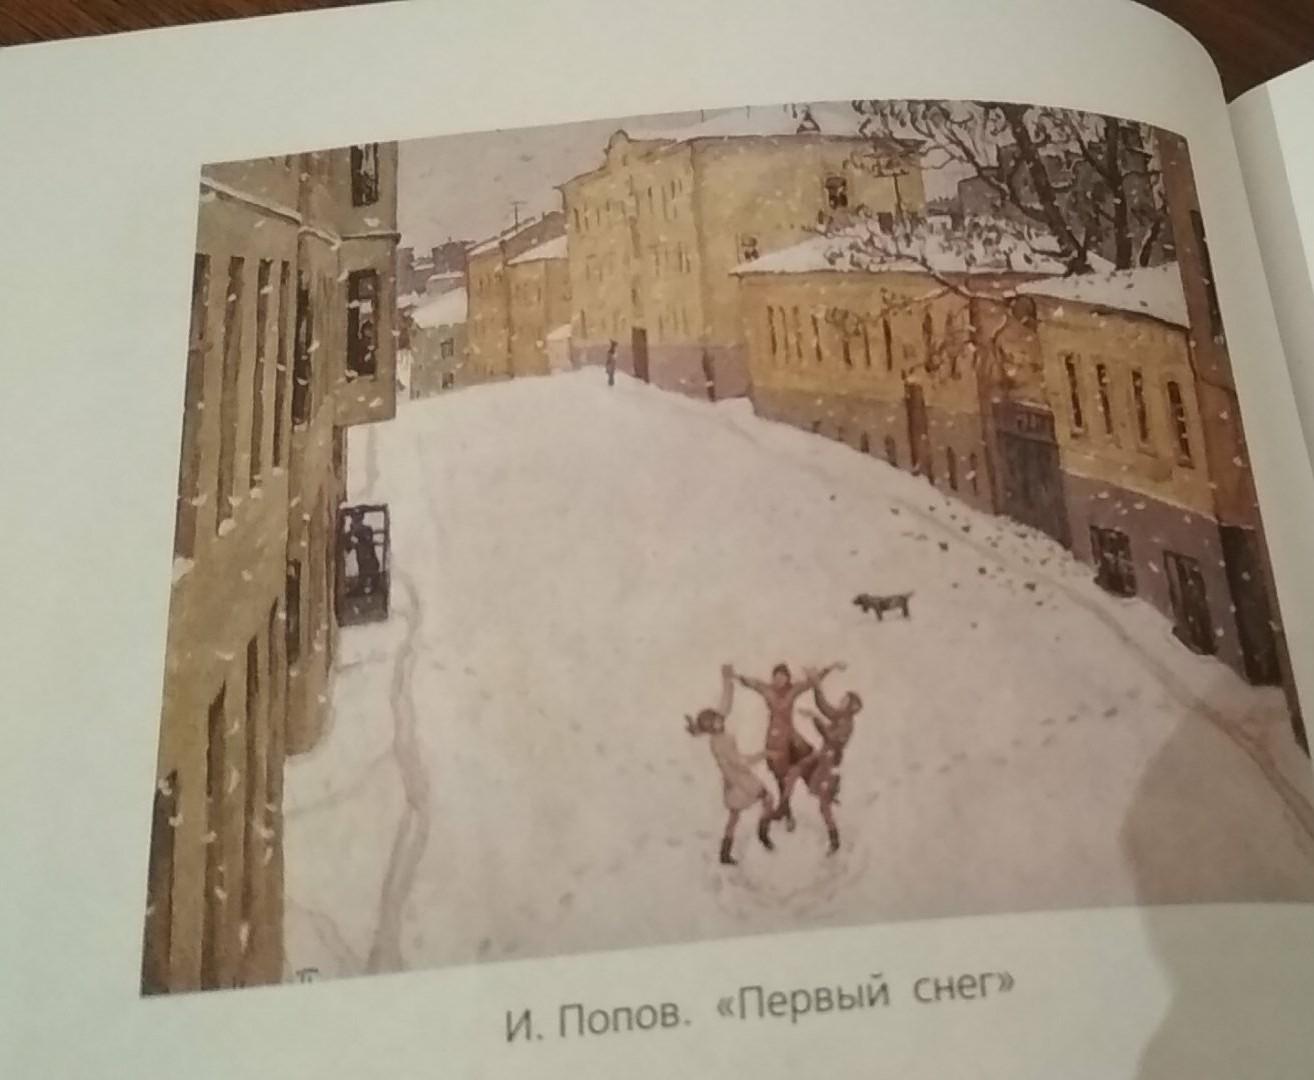 Первый снег картина попова сочинение